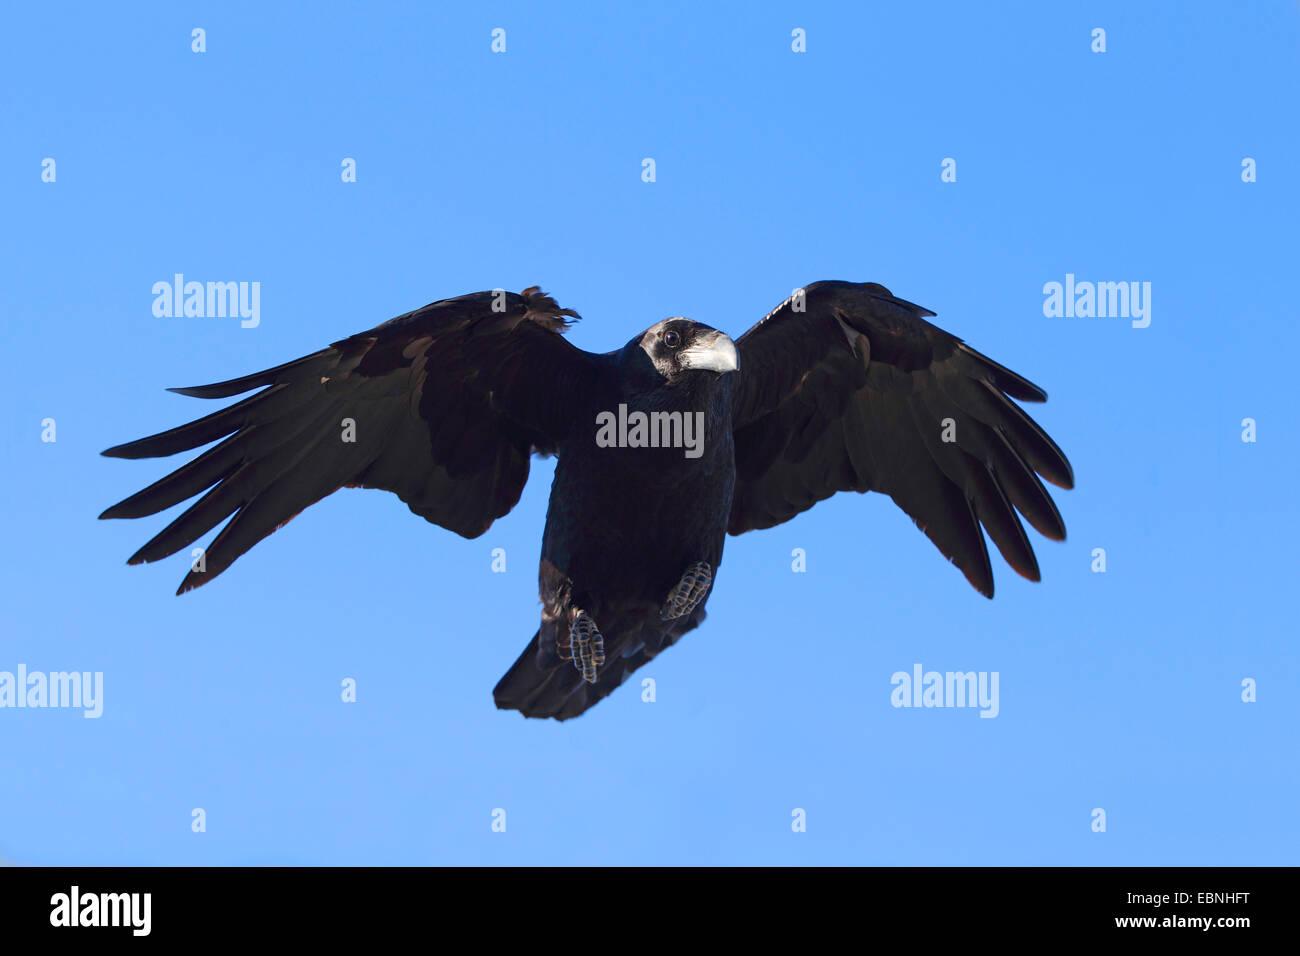 Kanarischen Inseln Raven, Kanarischen Raven (Corvus Corax Tingitanus, Corvus Tingitanus), Landung, Kanarische Inseln, Stockbild